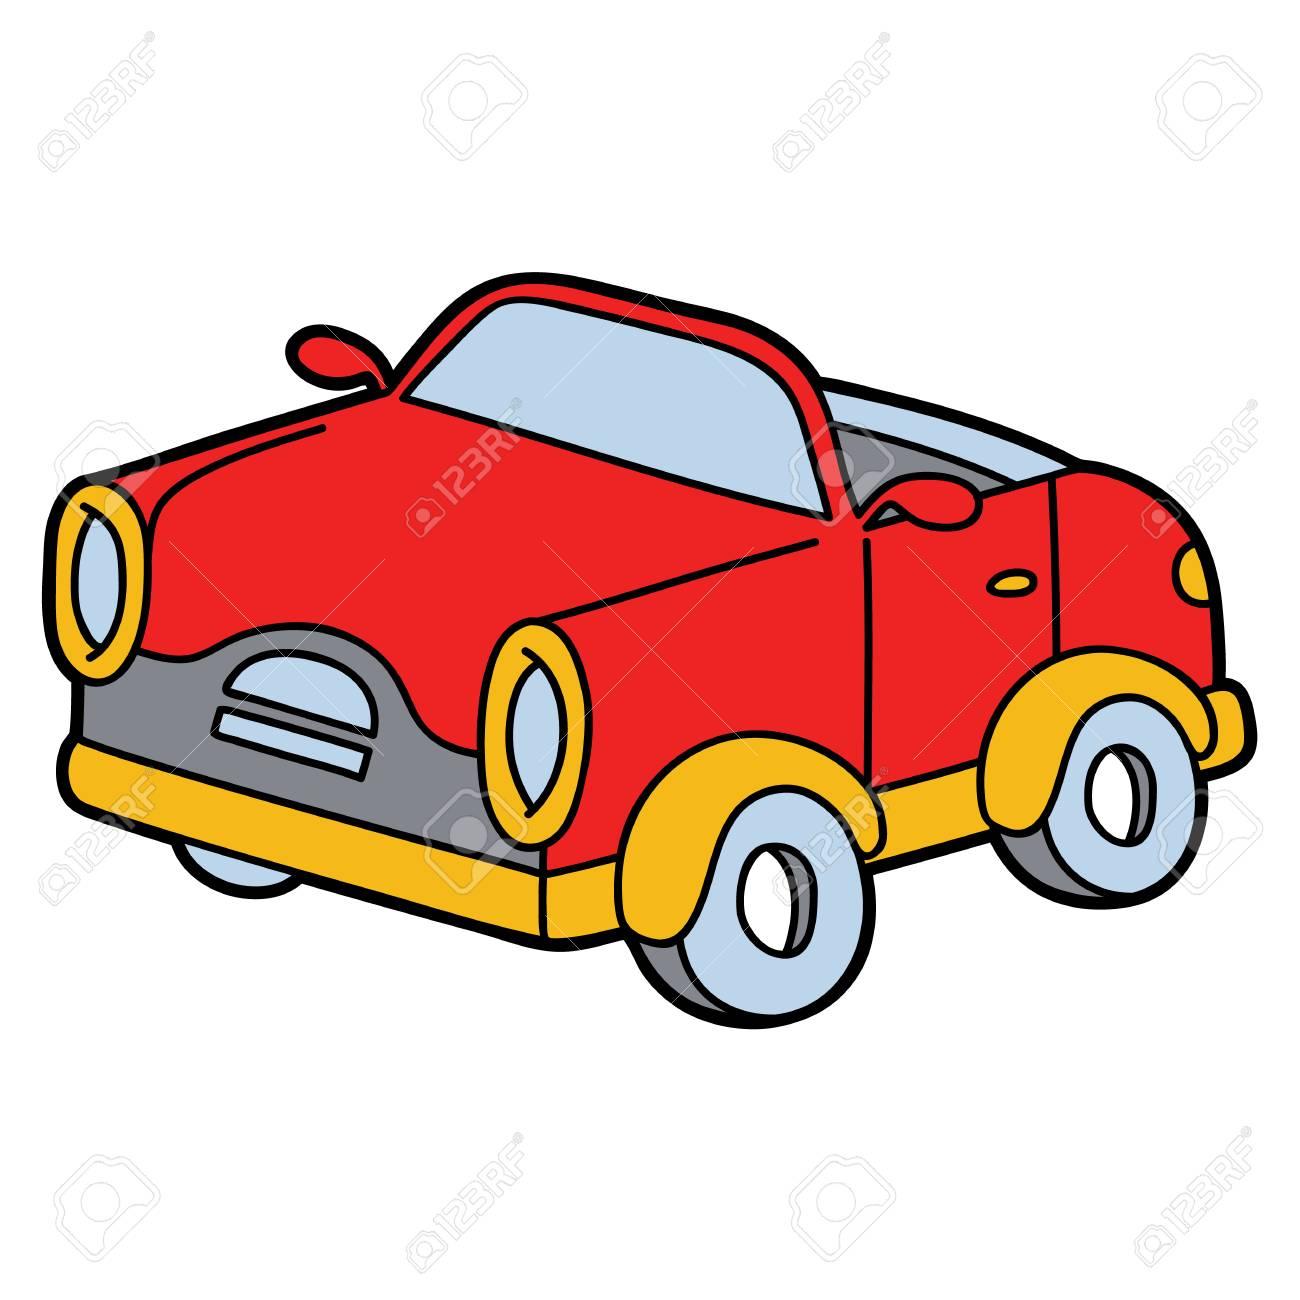 かわいい車漫画のイラストのイラスト素材ベクタ Image 88091767